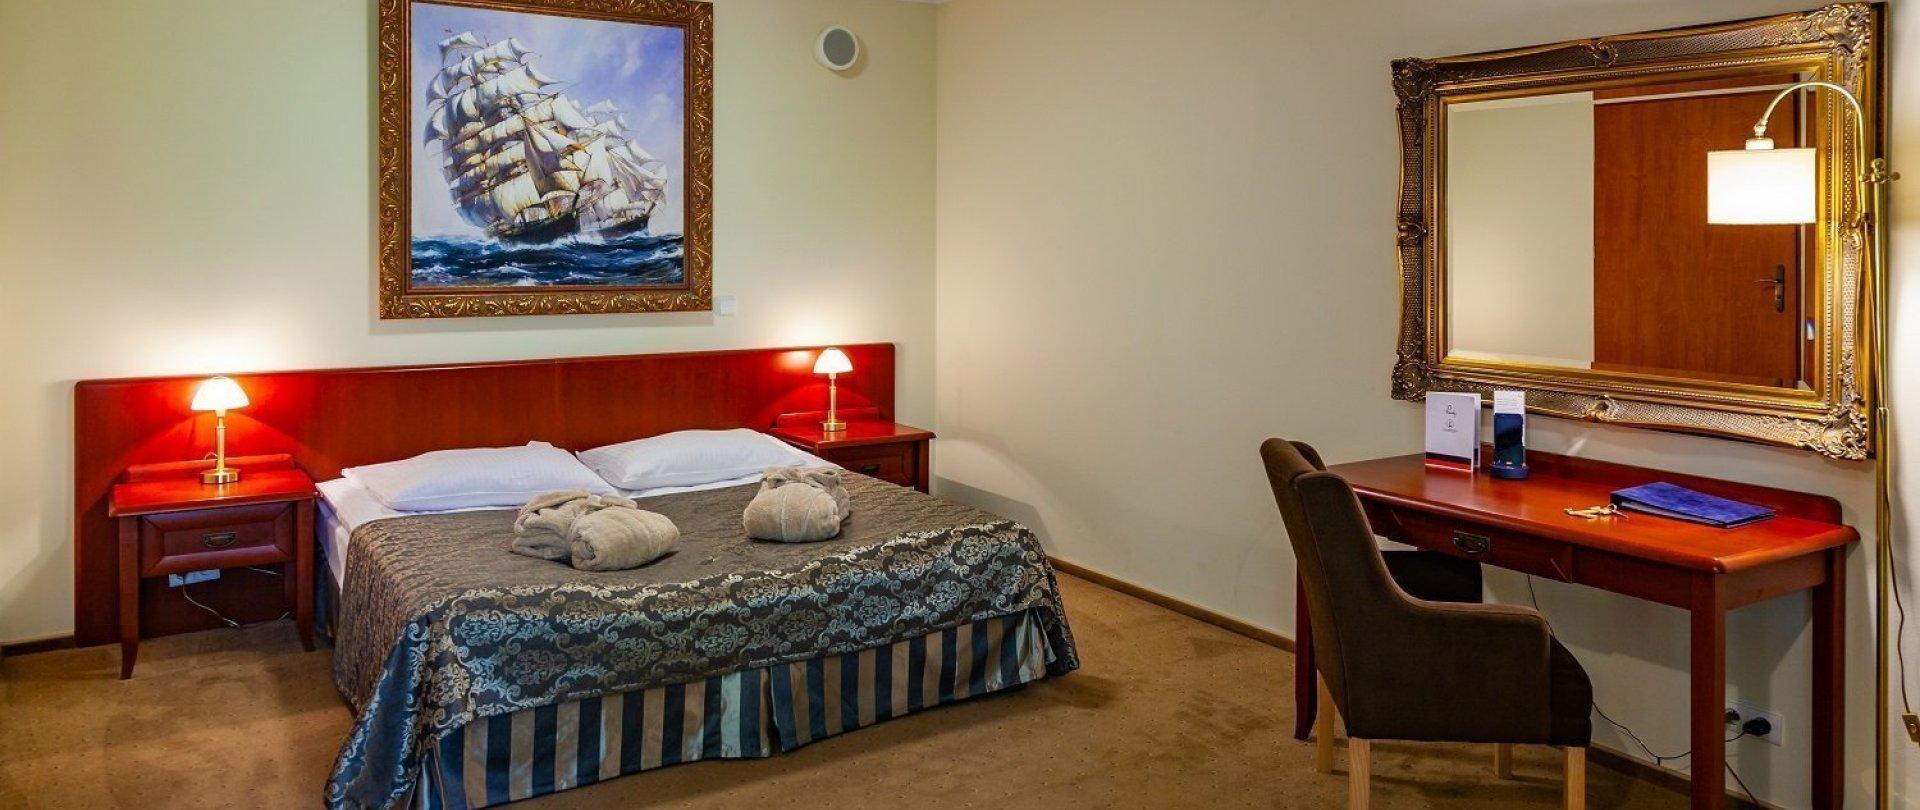 Pokój dla 2 osób Premium